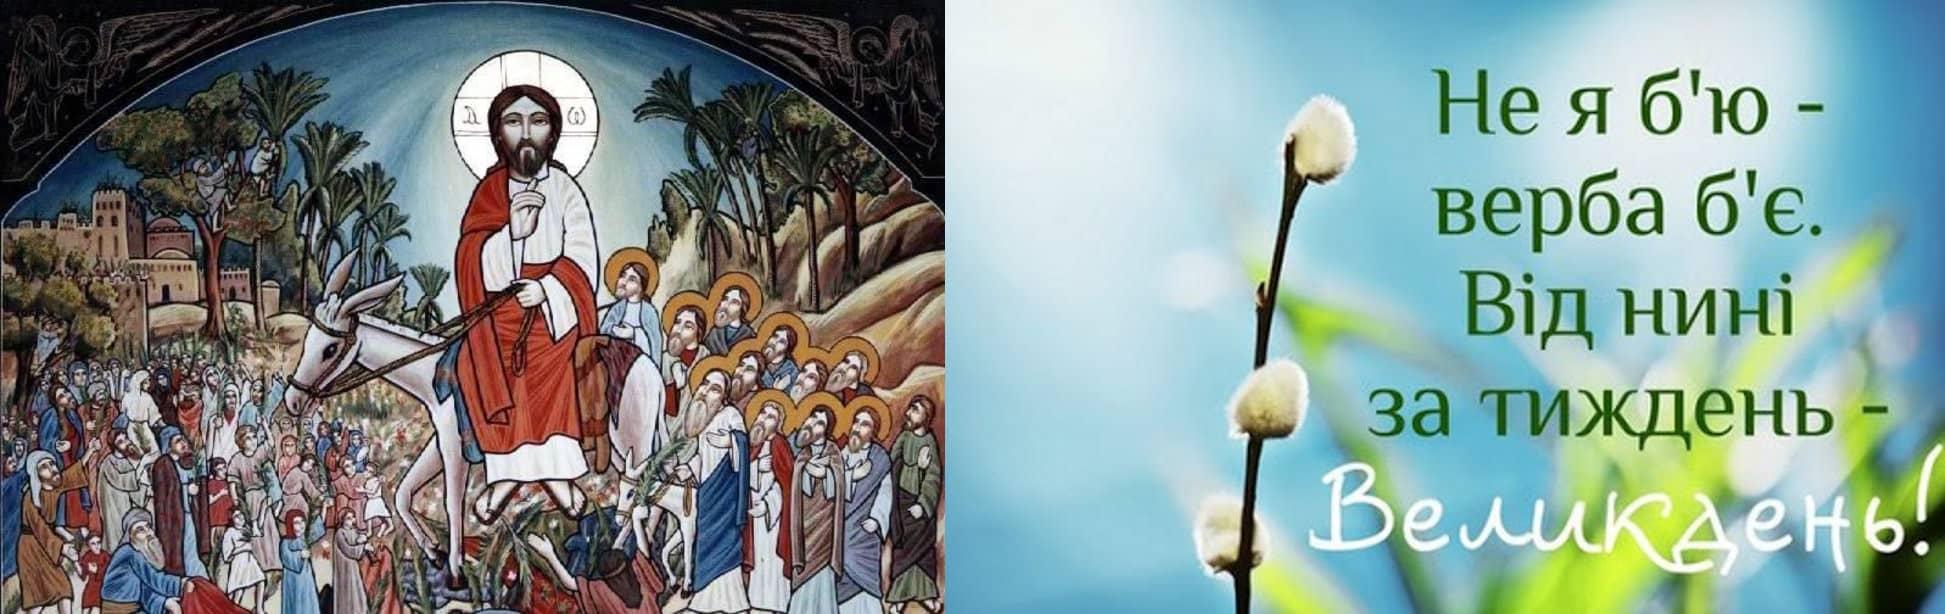 Вербна неділя: прикмети і традиції, як готуватися до свята?